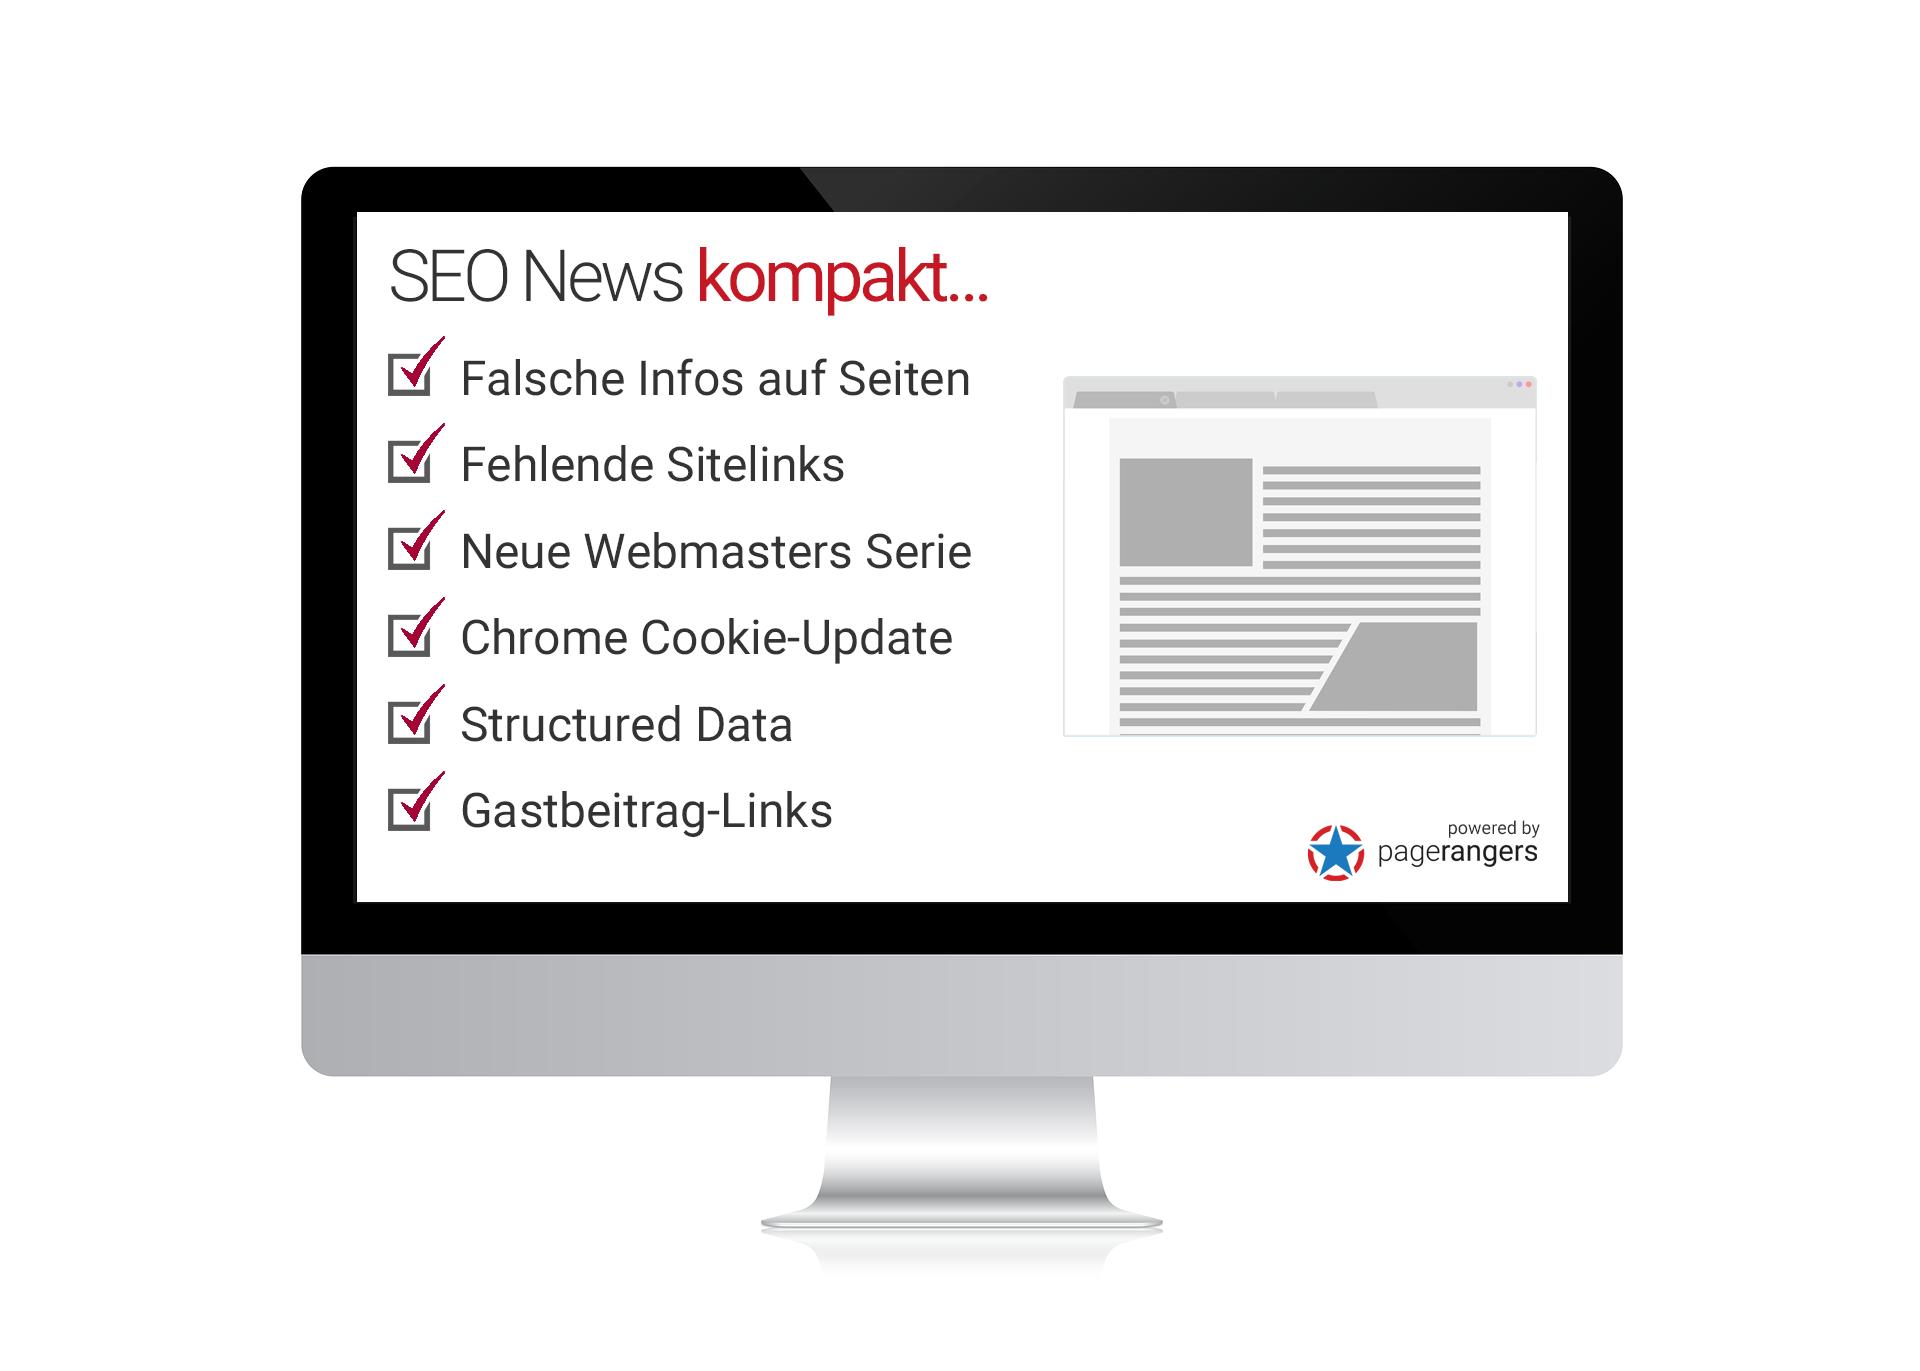 Falsche Infos auf Seiten, Fehlende Sitelinks, Neue Webmasters Serie, Chrome Cookie-Update, Structured Data, Gastbeitrag-Links